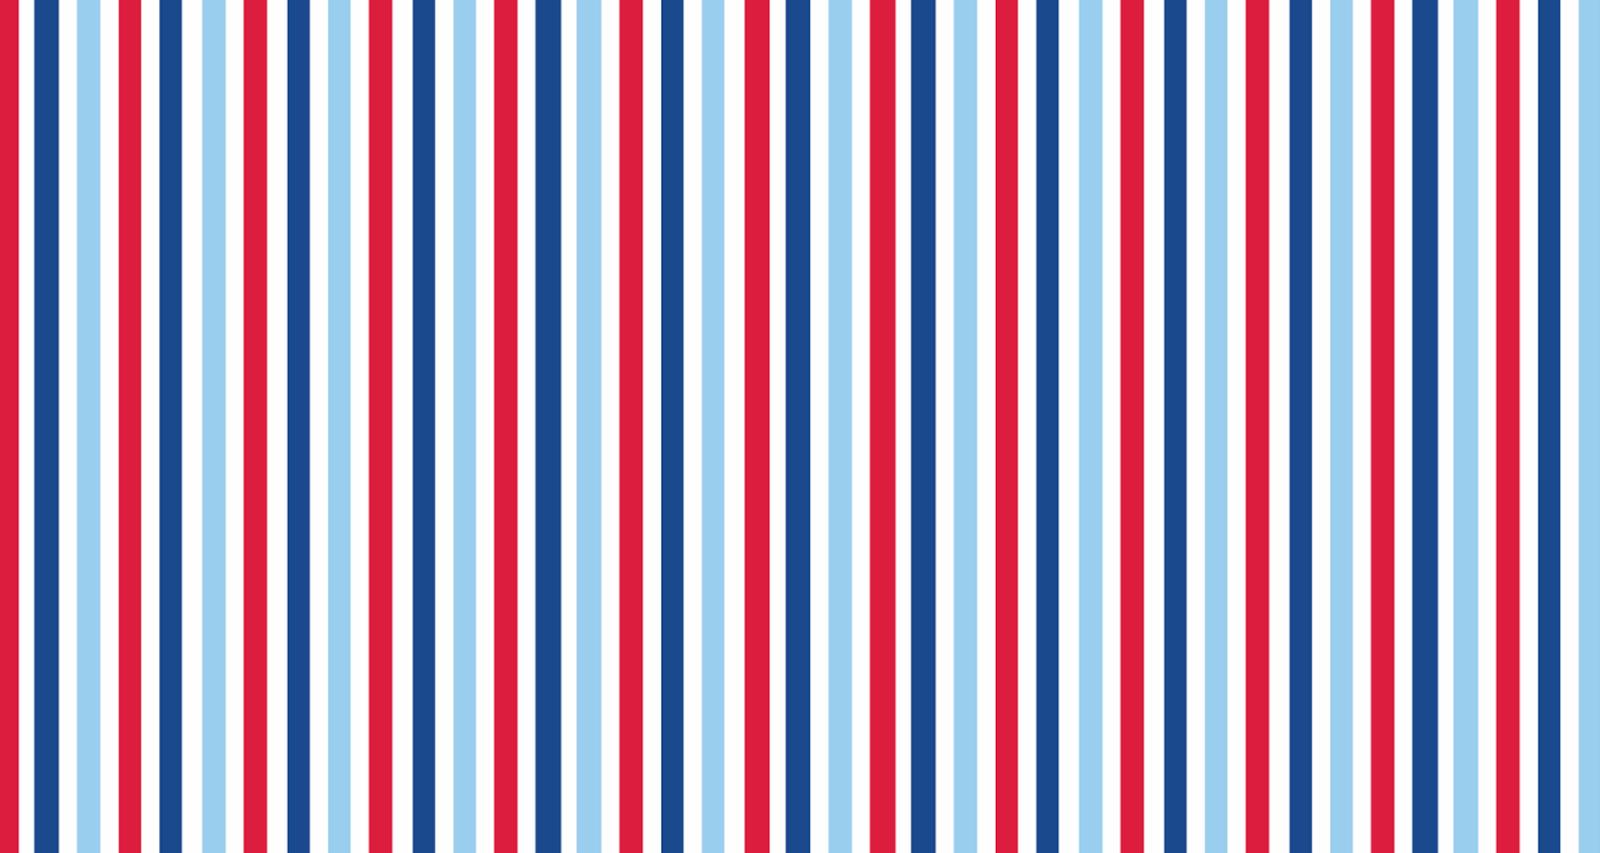 Kit Grátis Para Imprimir Azul, Branco E Vermelho, Kit